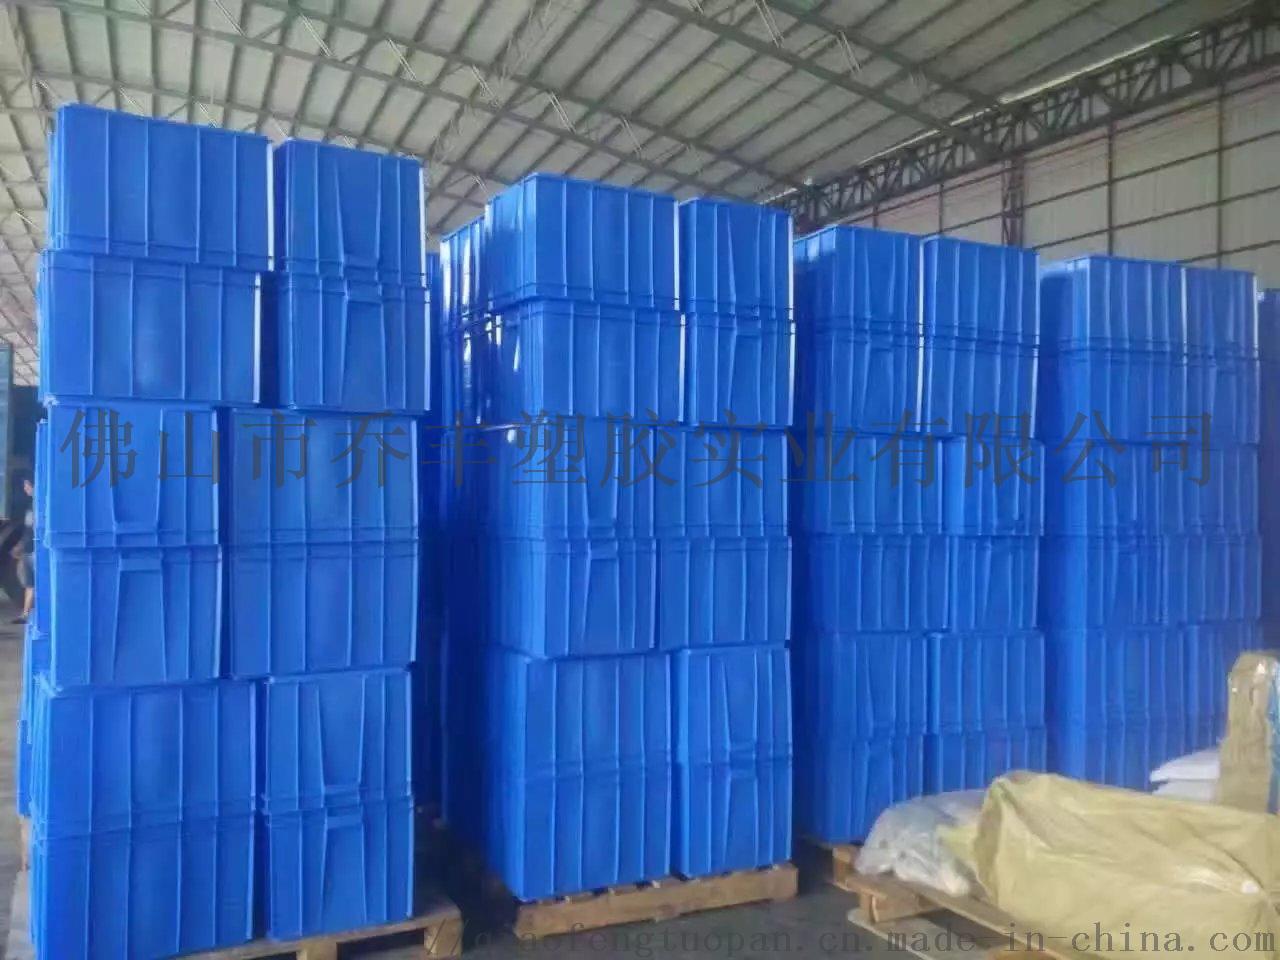 雲浮喬豐塑膠箱,雲浮塑料箱,雲浮週轉箱91601085